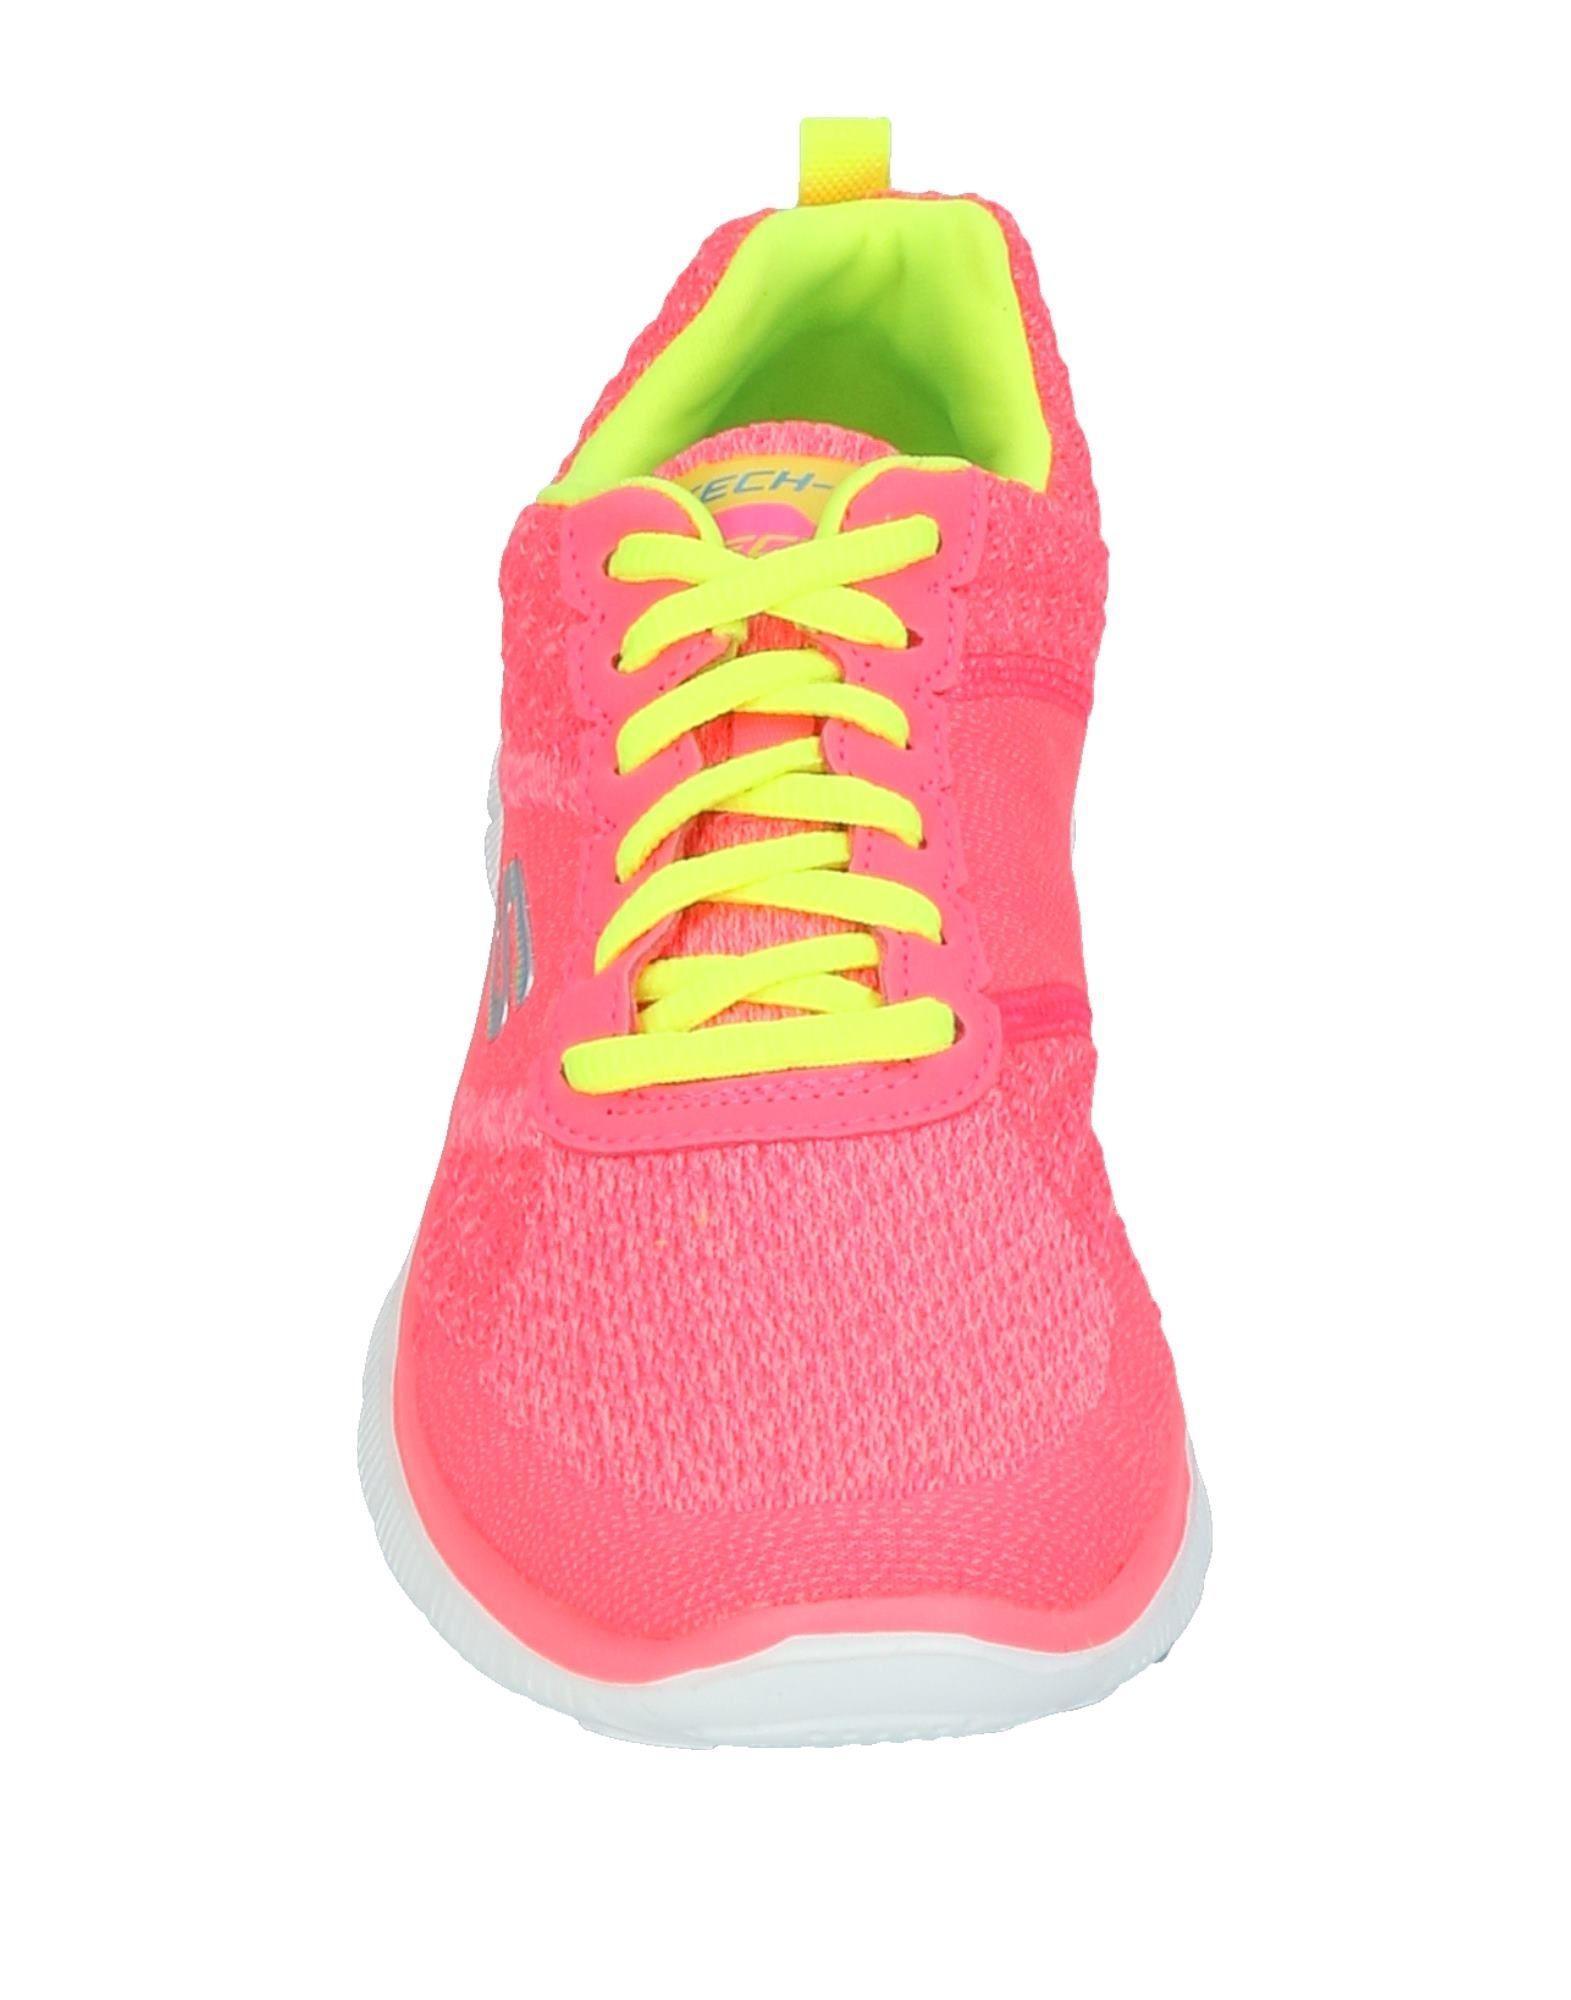 Skechers Low-tops & Sneakers in Coral (Pink)